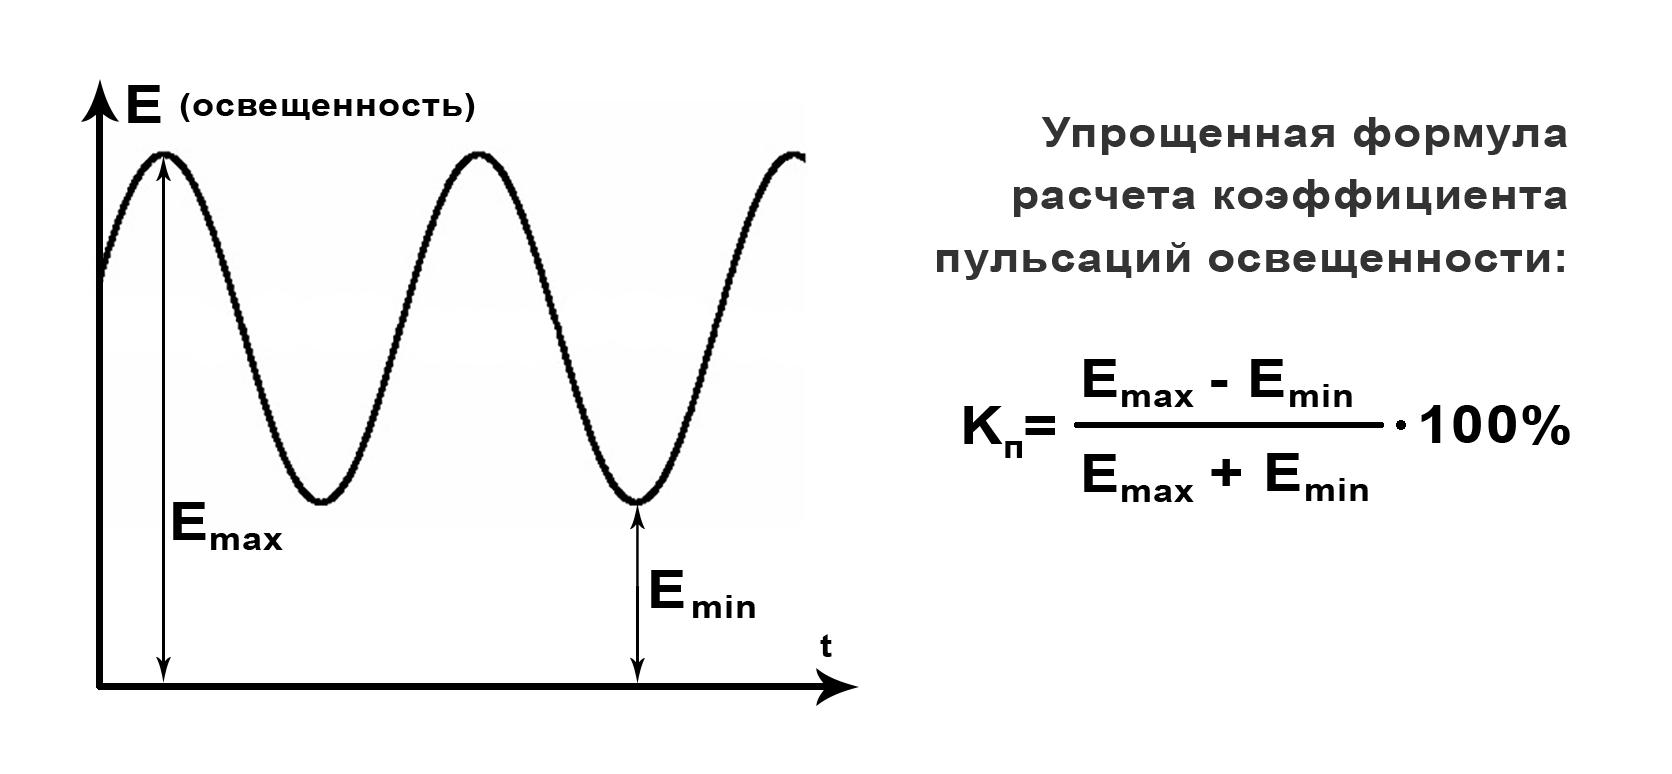 Расчет коэффициента пульсаций освещенности